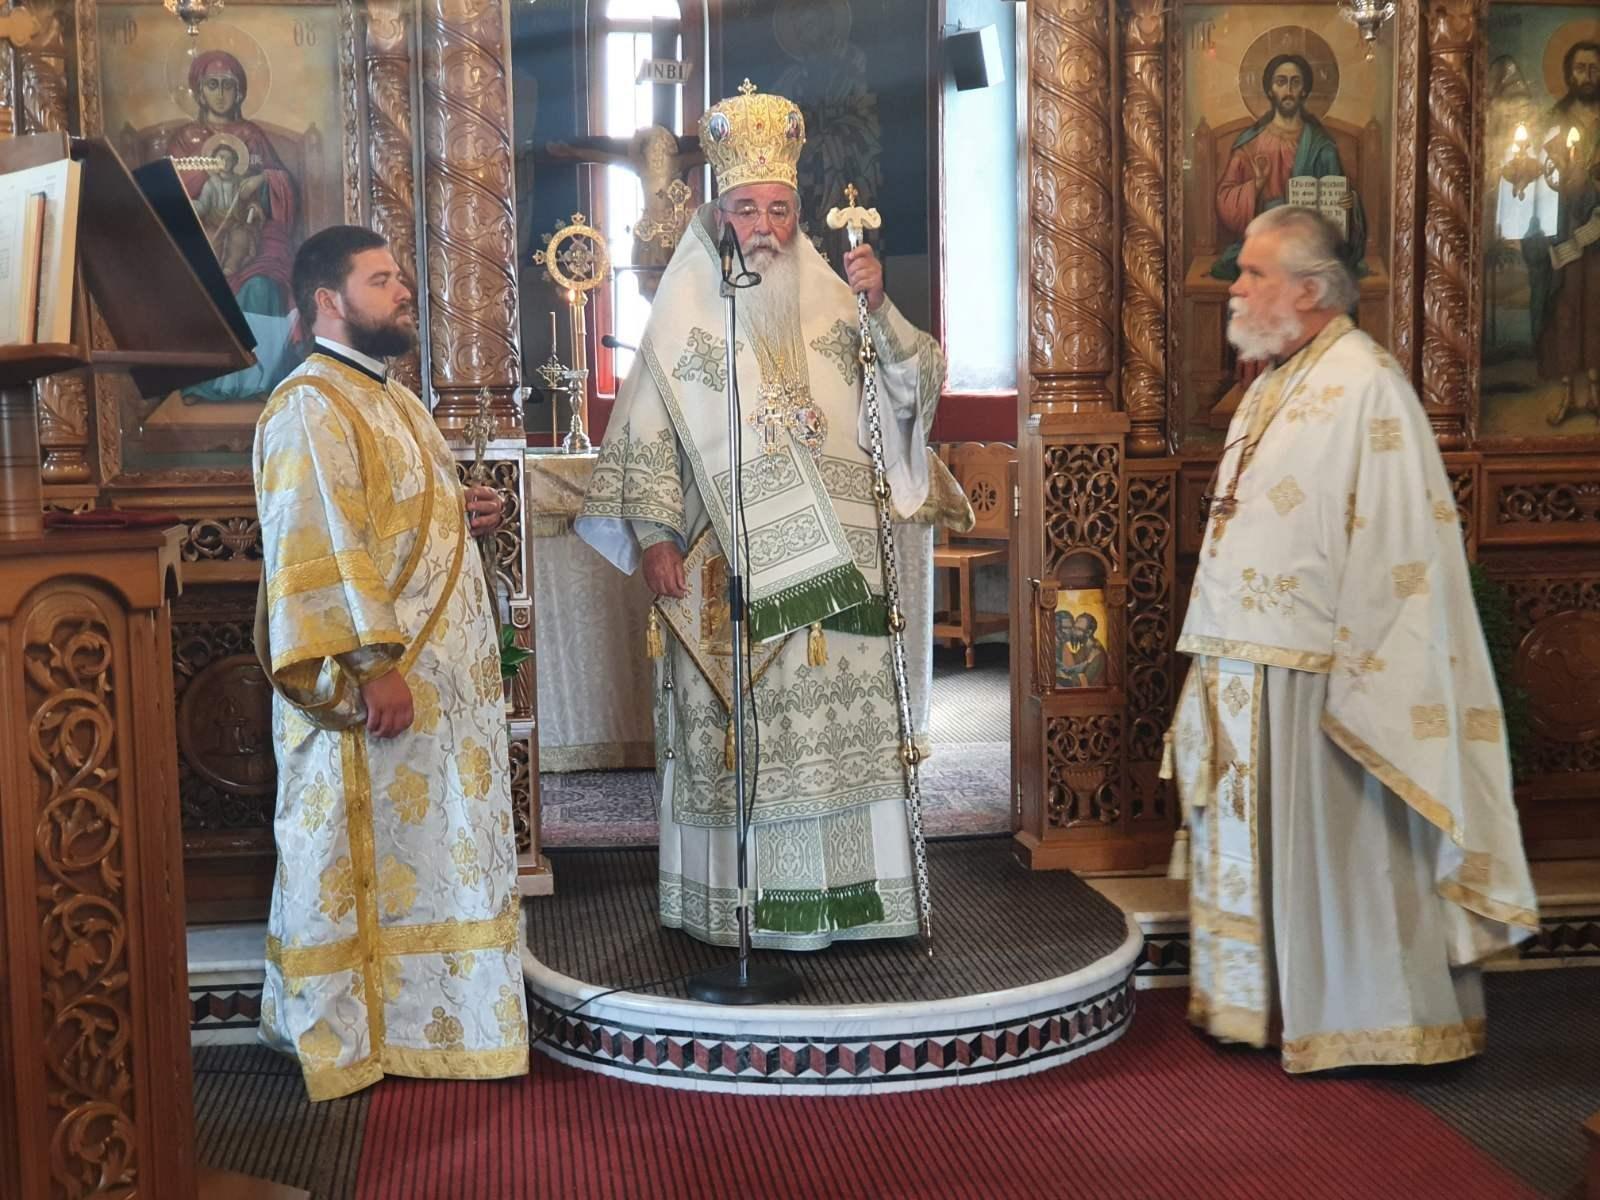 Σερβίων και Κοζάνης Παύλος στο Βελβεντό: ''Πρότυπο των γυναικών η Παναγία''.  (του παπαδάσκαλου Κωνσταντίνου Ι. Κώστα)